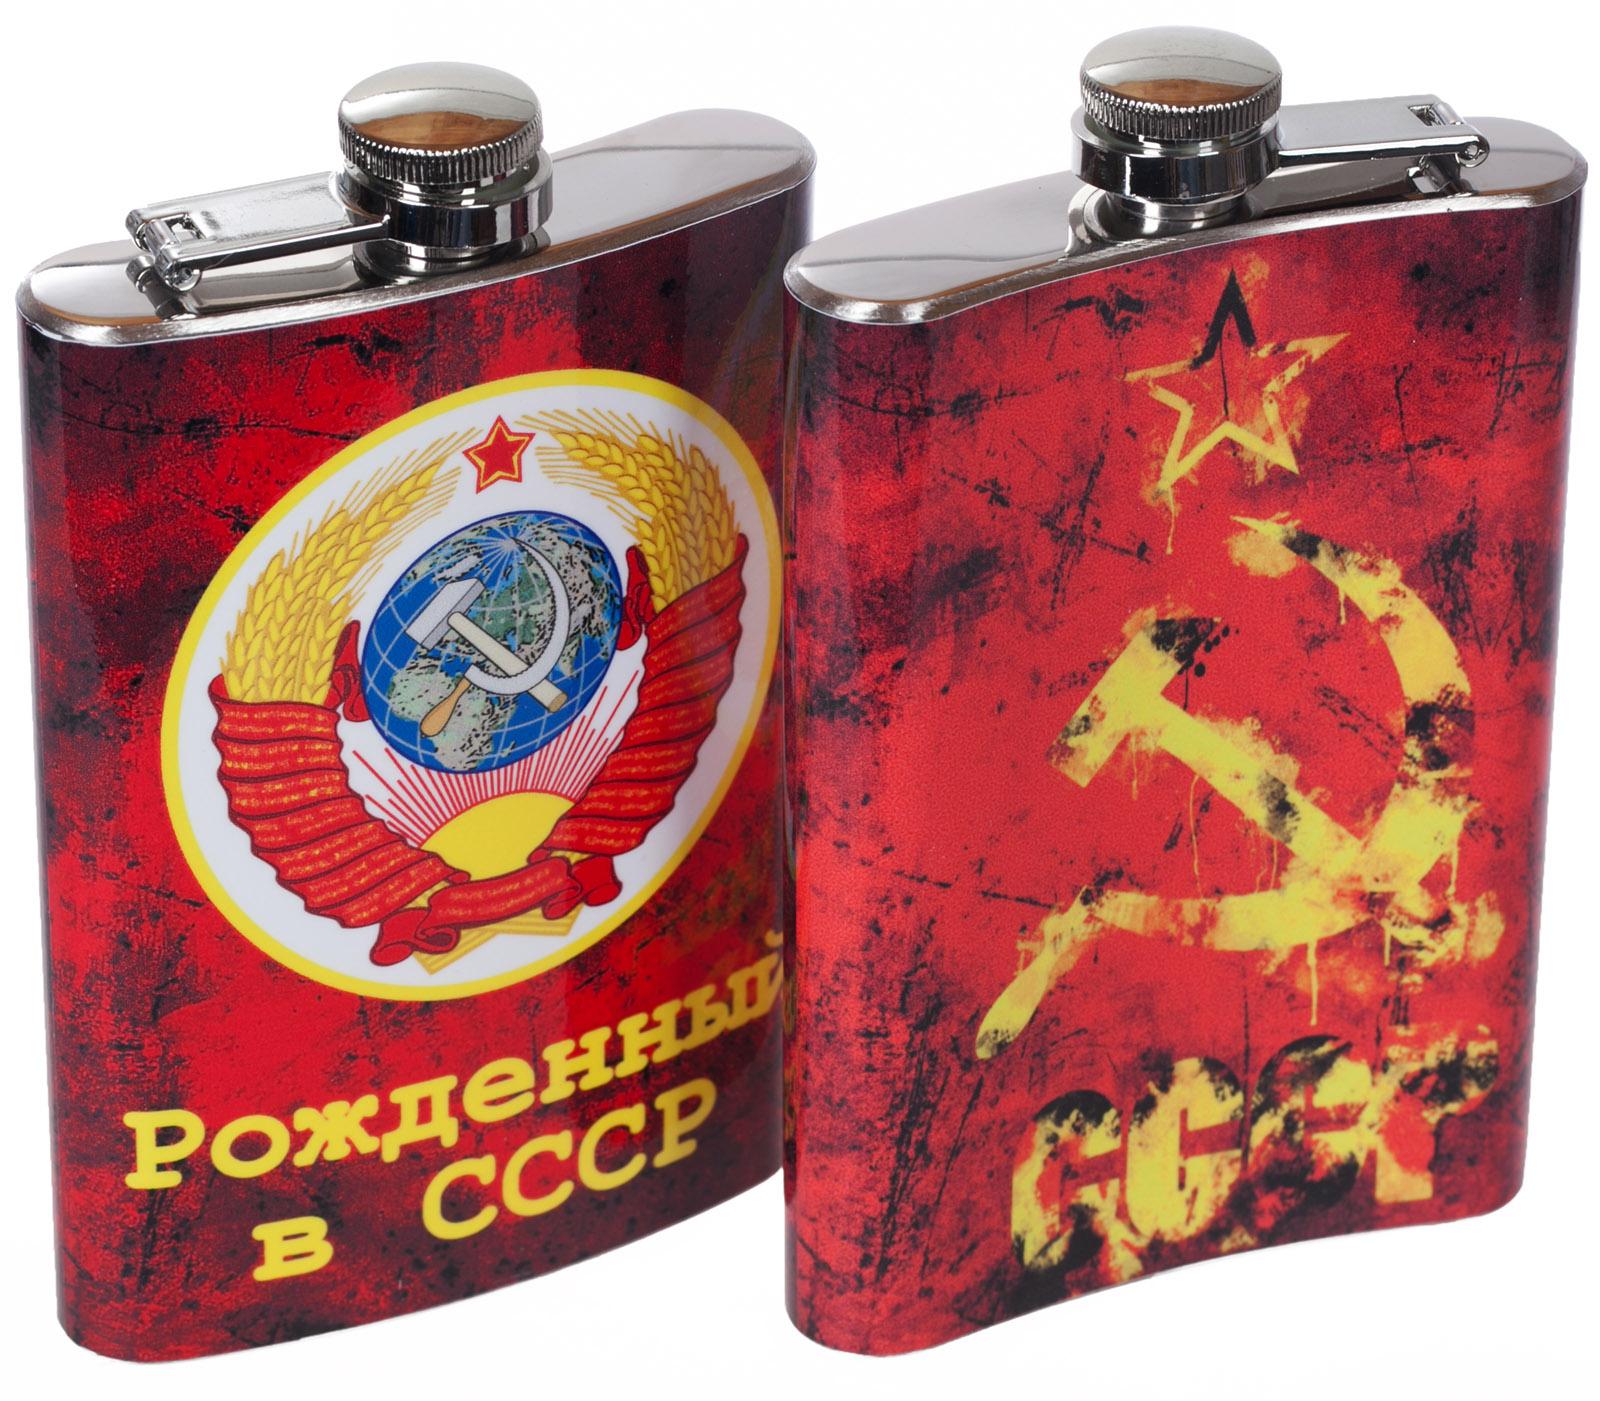 """Купить фляжку """"Рожденный в СССР"""" с доставкой по России"""